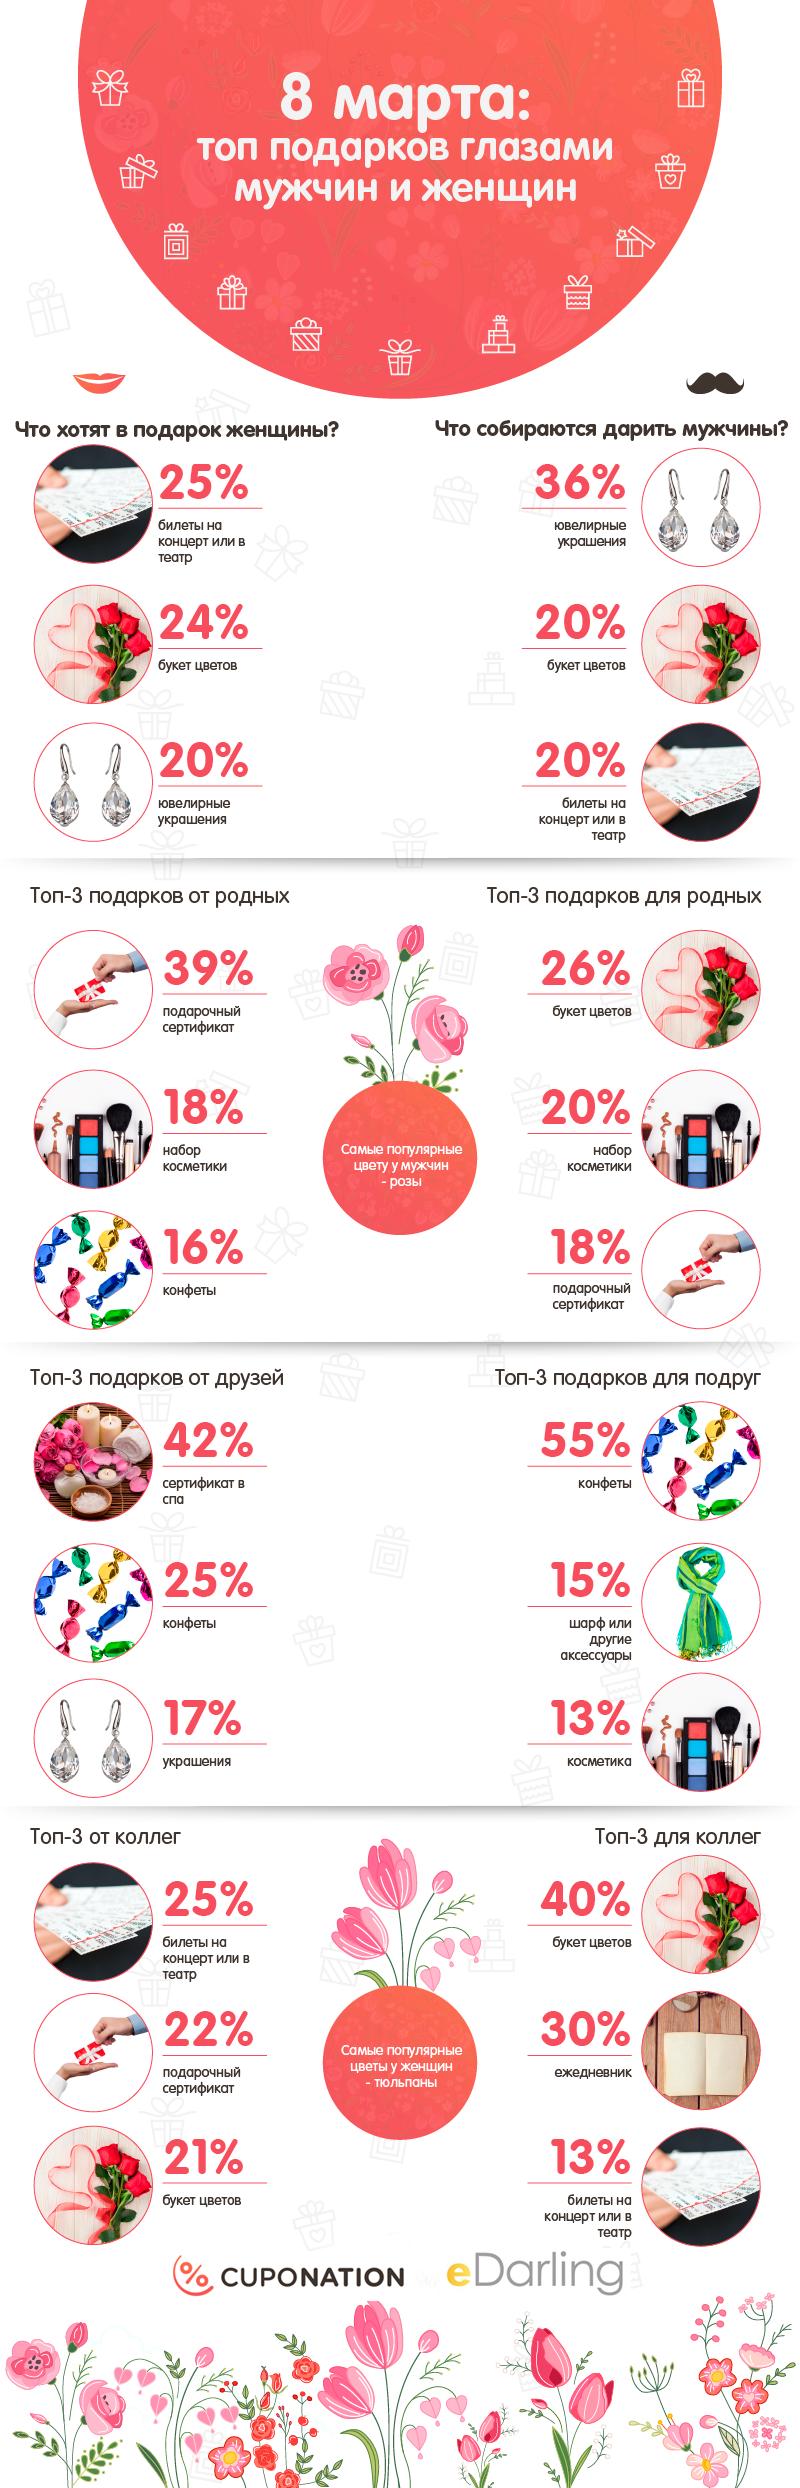 Популярные опросы подарок